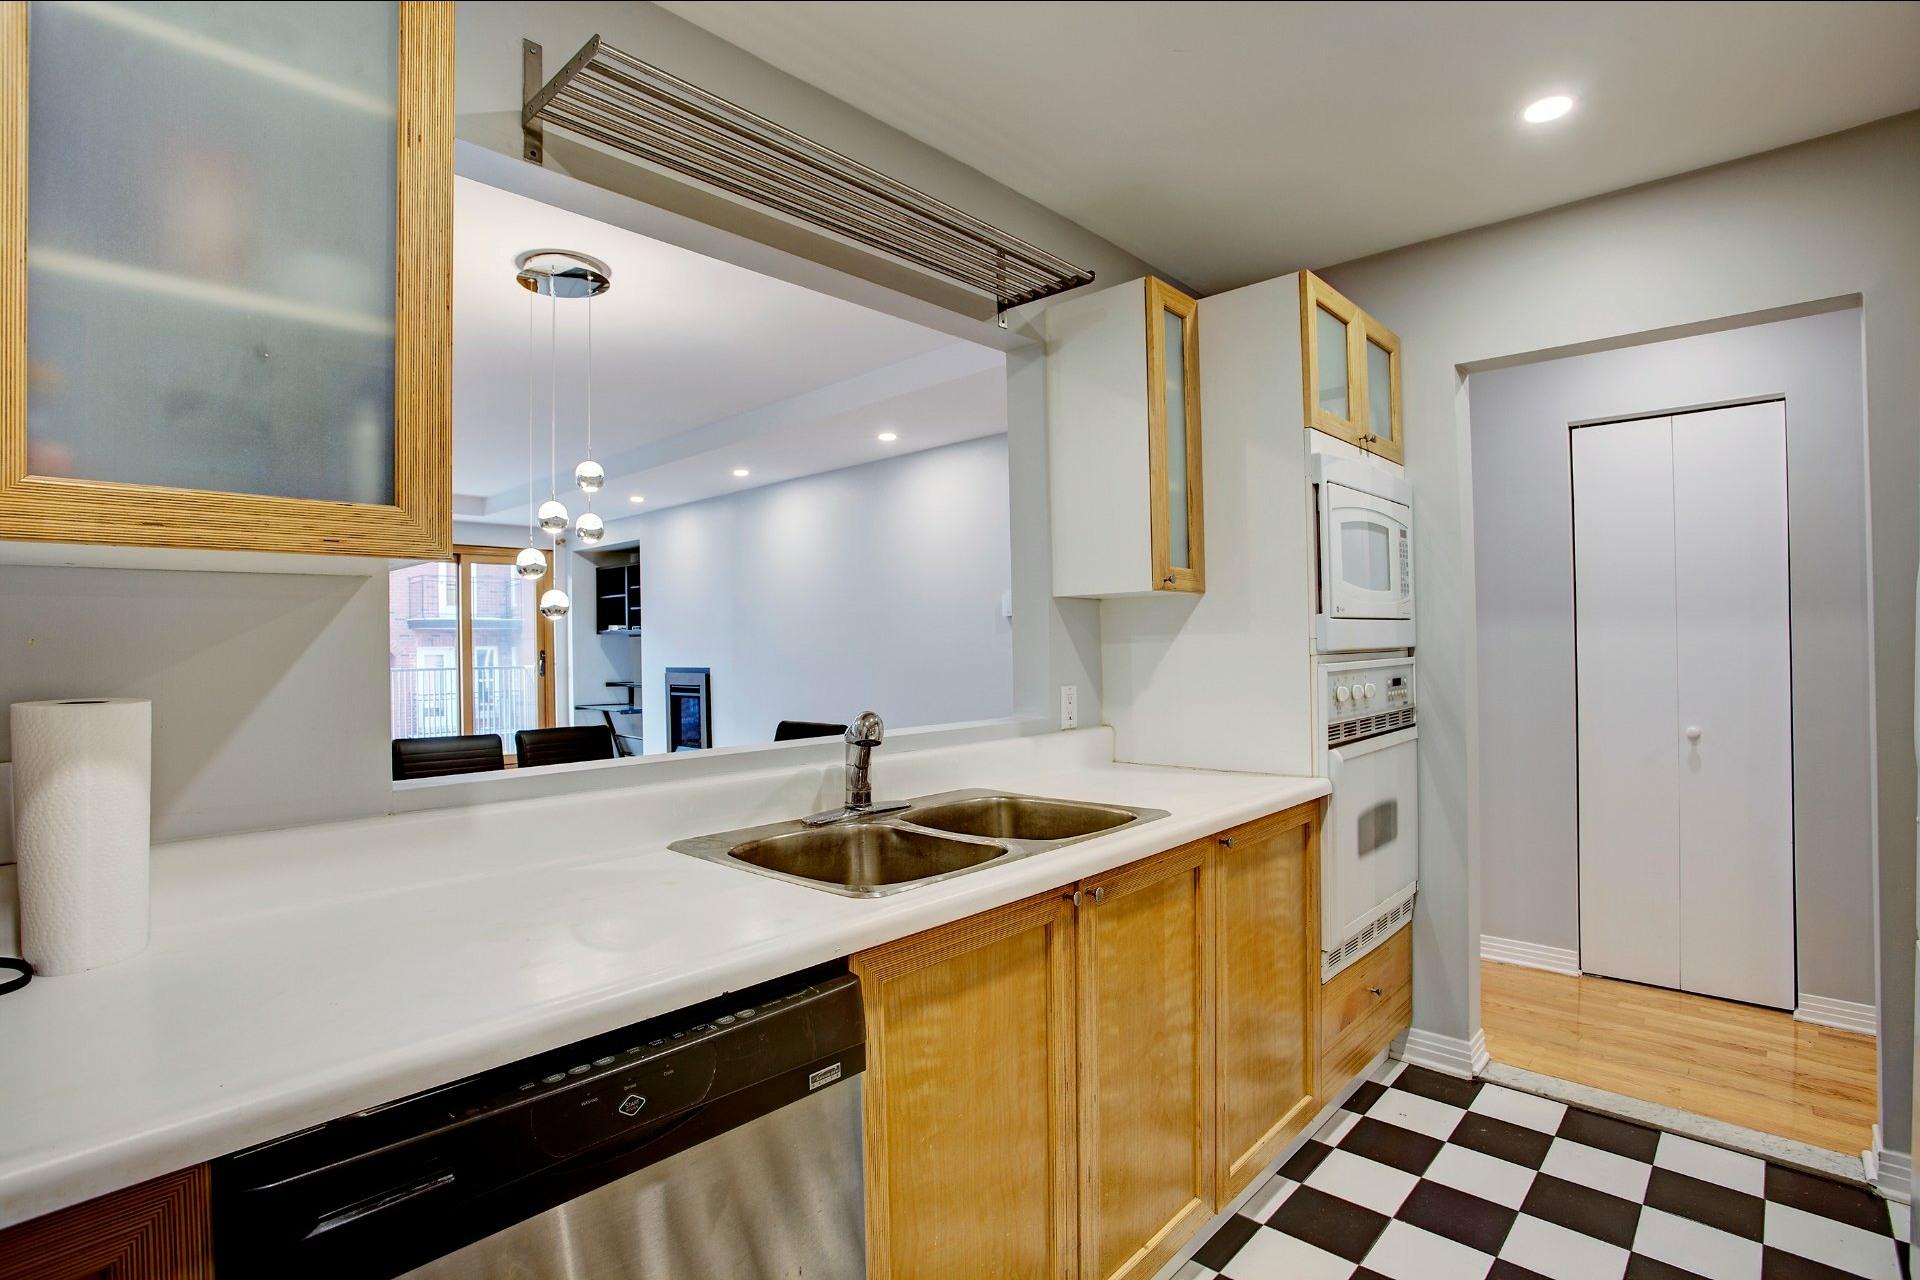 image 12 - Appartement À louer Ville-Marie Montréal  - 5 pièces